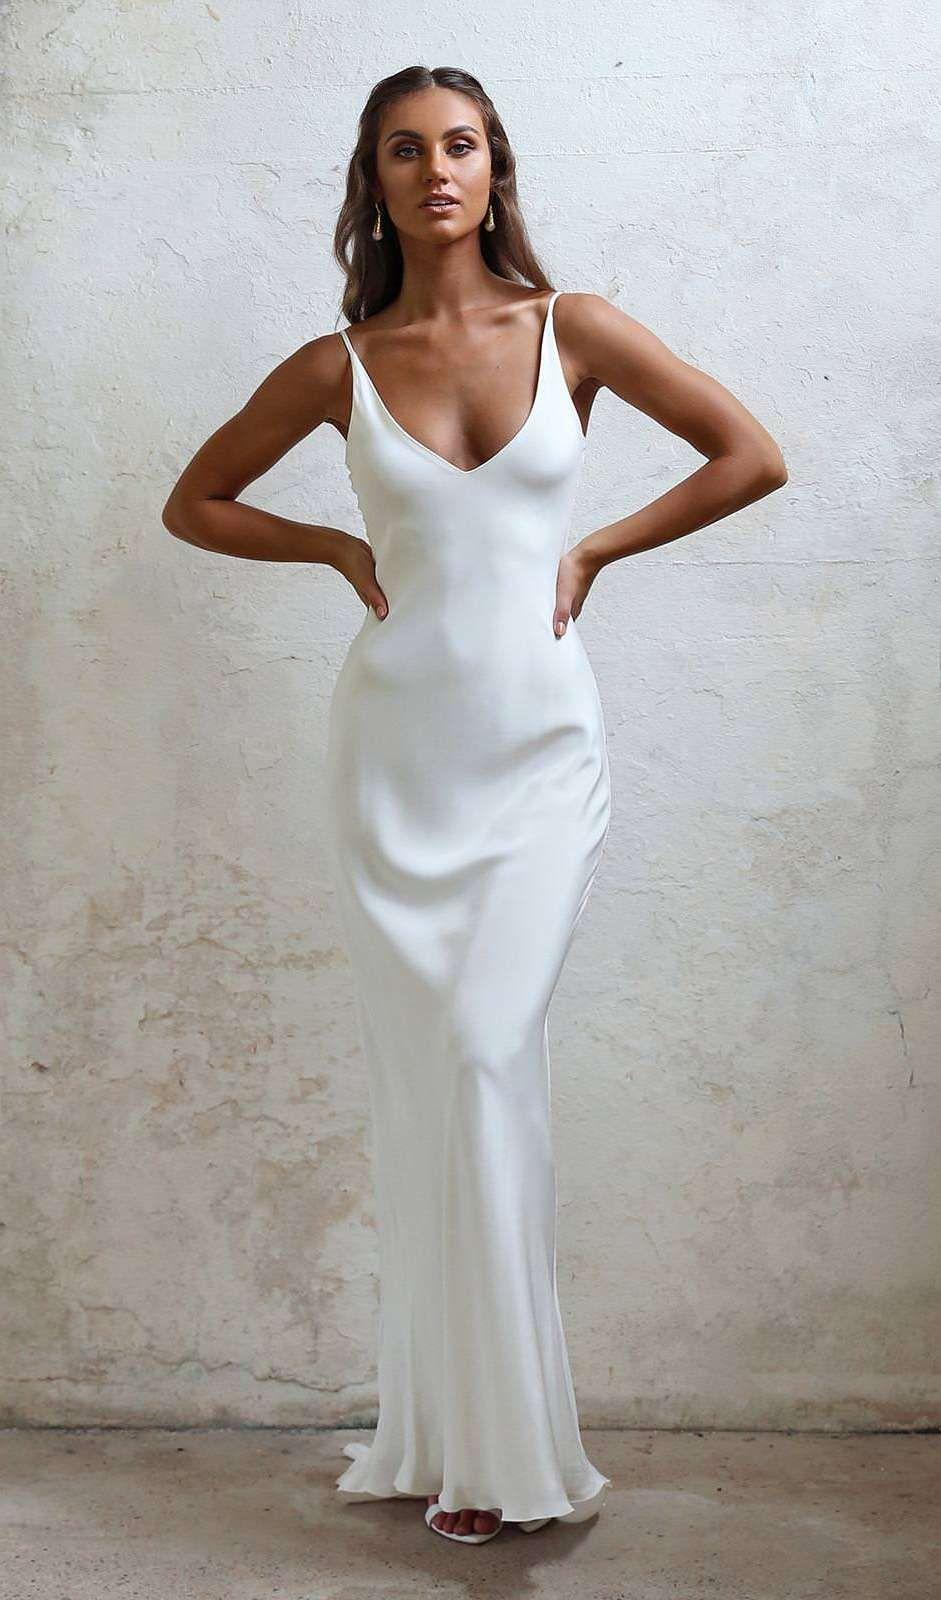 20 Elegant Slip Wedding Dresses For The Minimalist Bride Slip Wedding Dress Perfect Wedding Dress Wedding Dresses [ 1600 x 941 Pixel ]